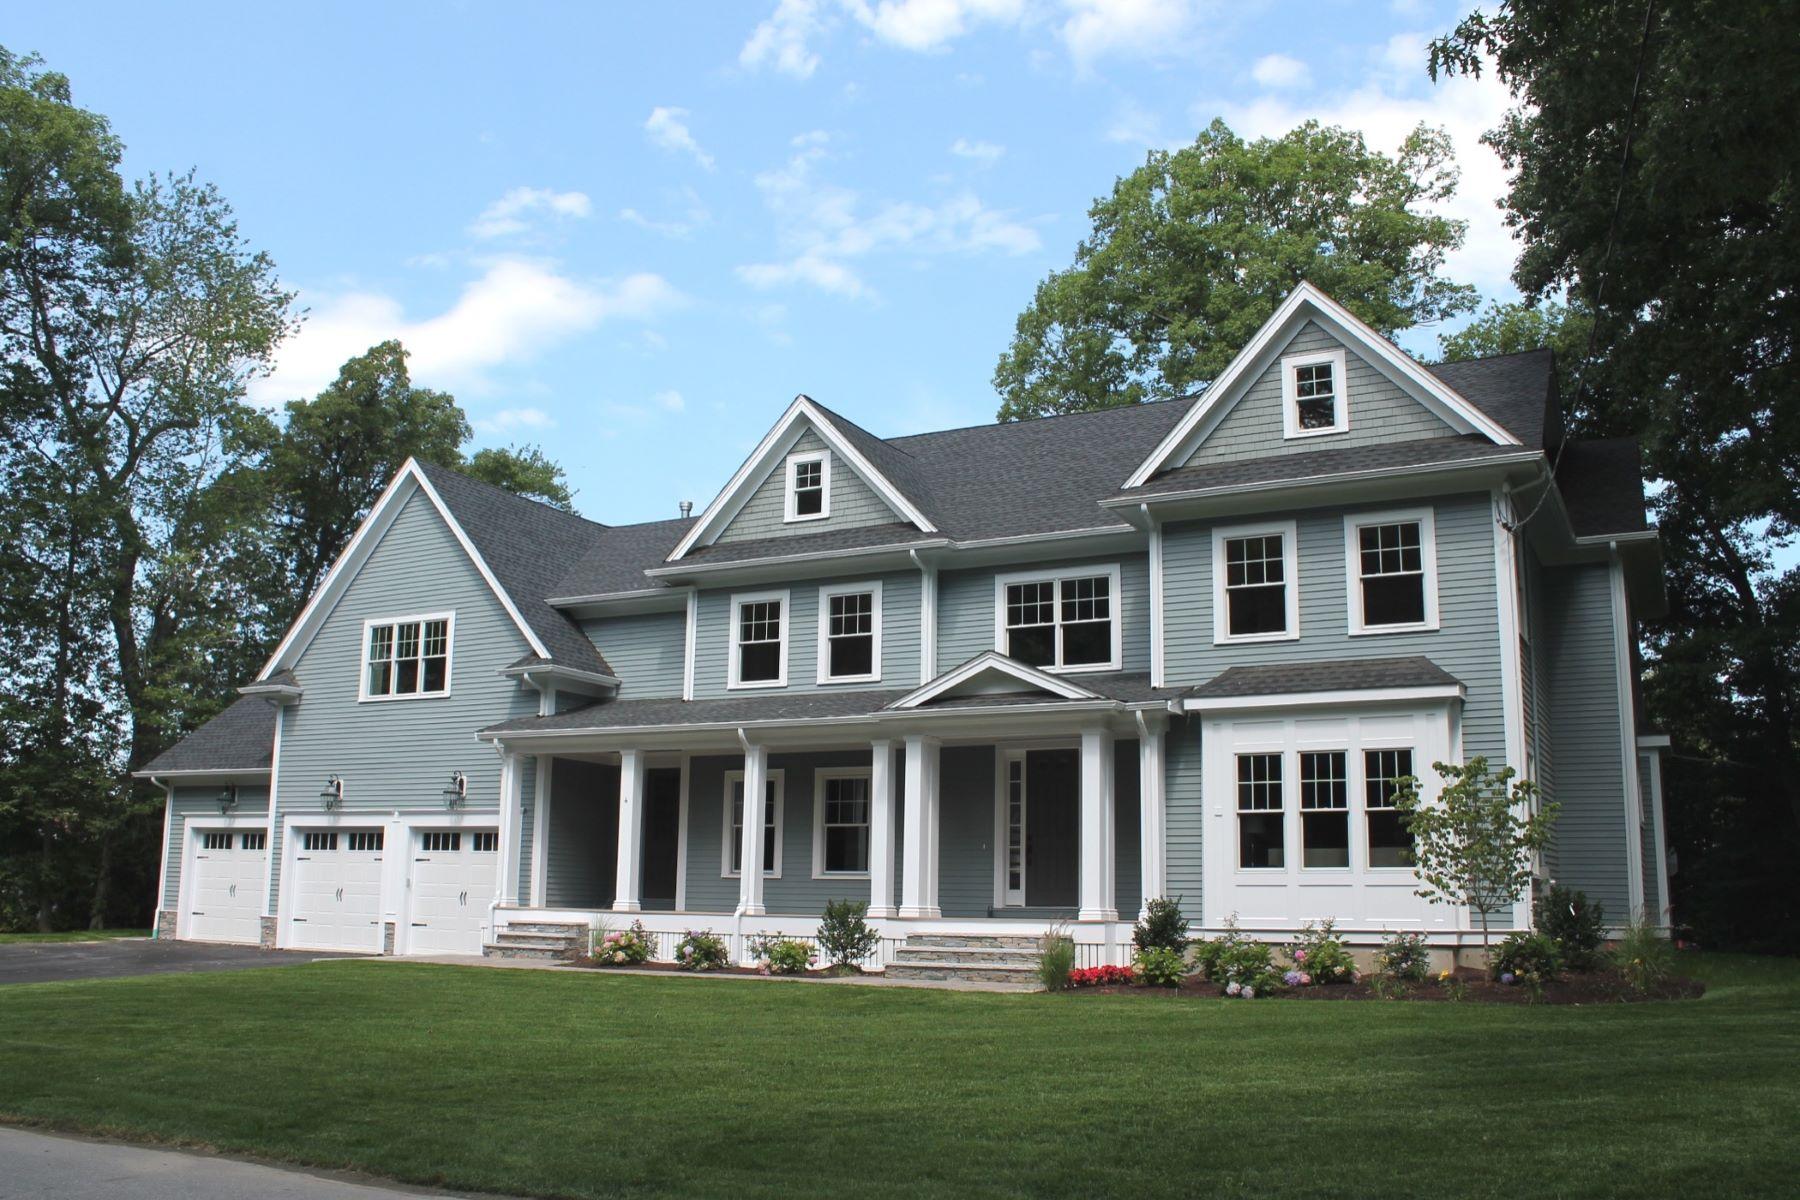 Maison unifamiliale pour l Vente à Exquisite New Construction 4 Blodgett Road Lexington, Massachusetts, 02420 États-Unis